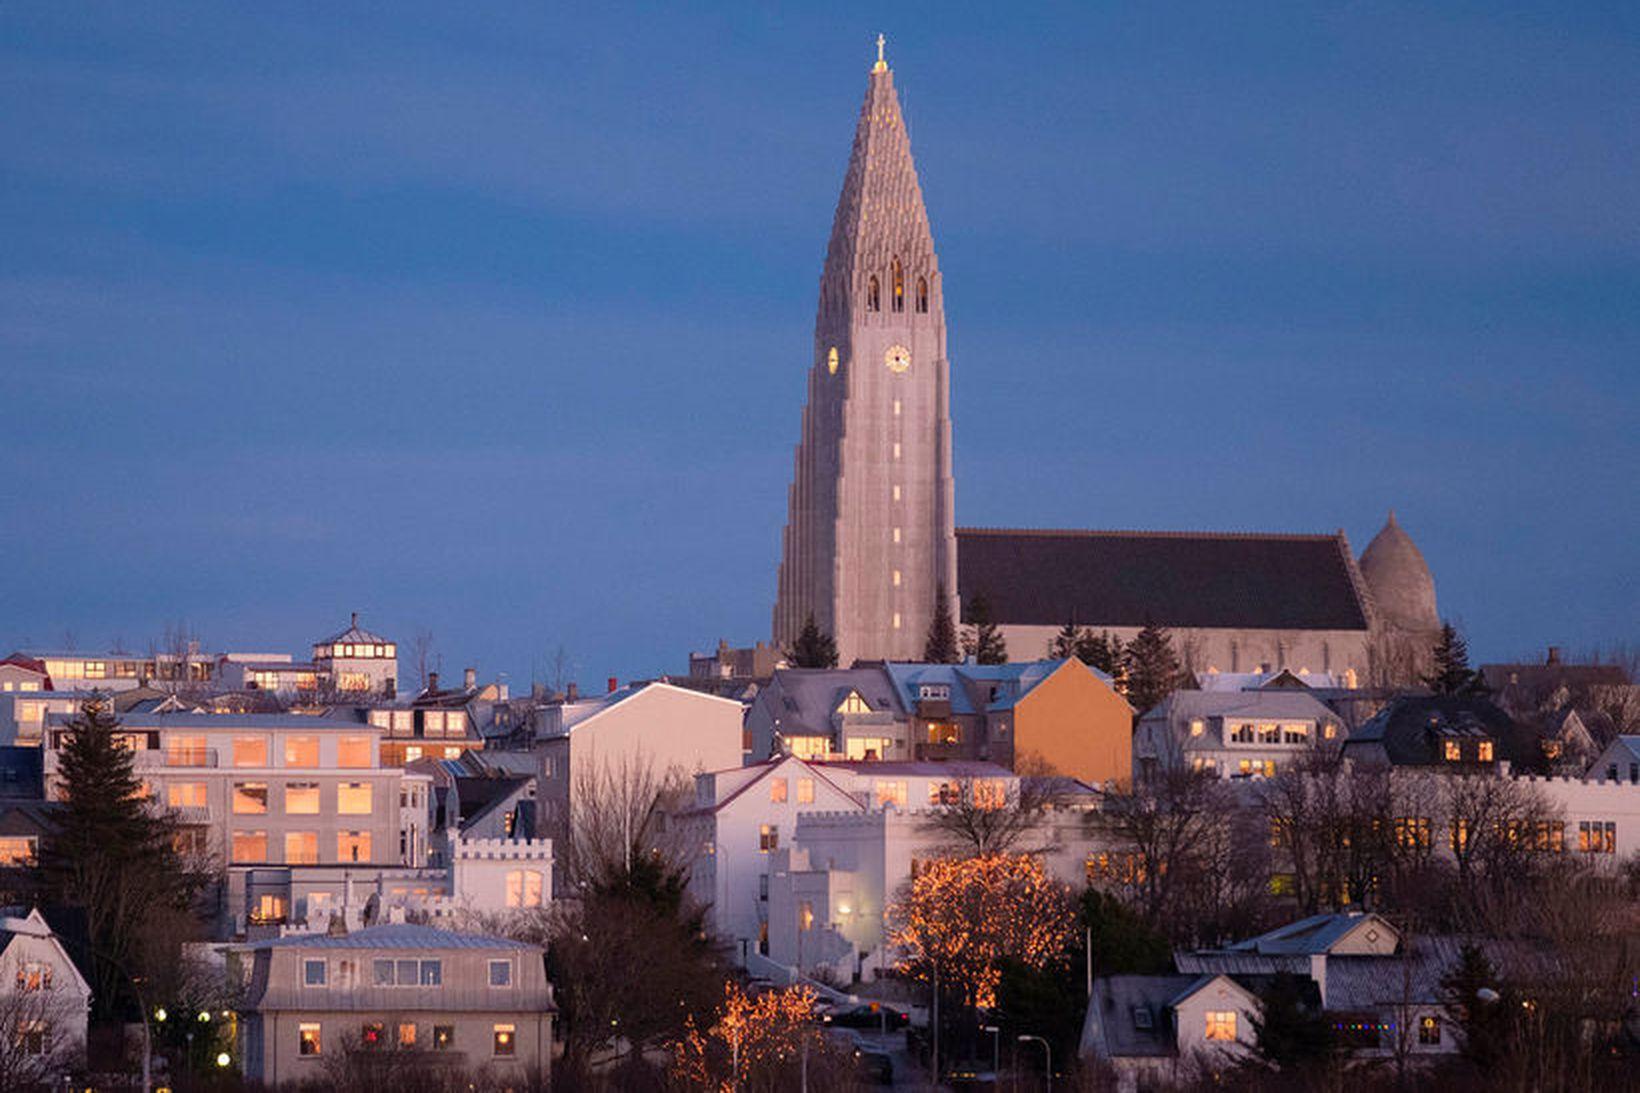 200 þúsundasta fasteignin á Íslandi var skráð í dag.